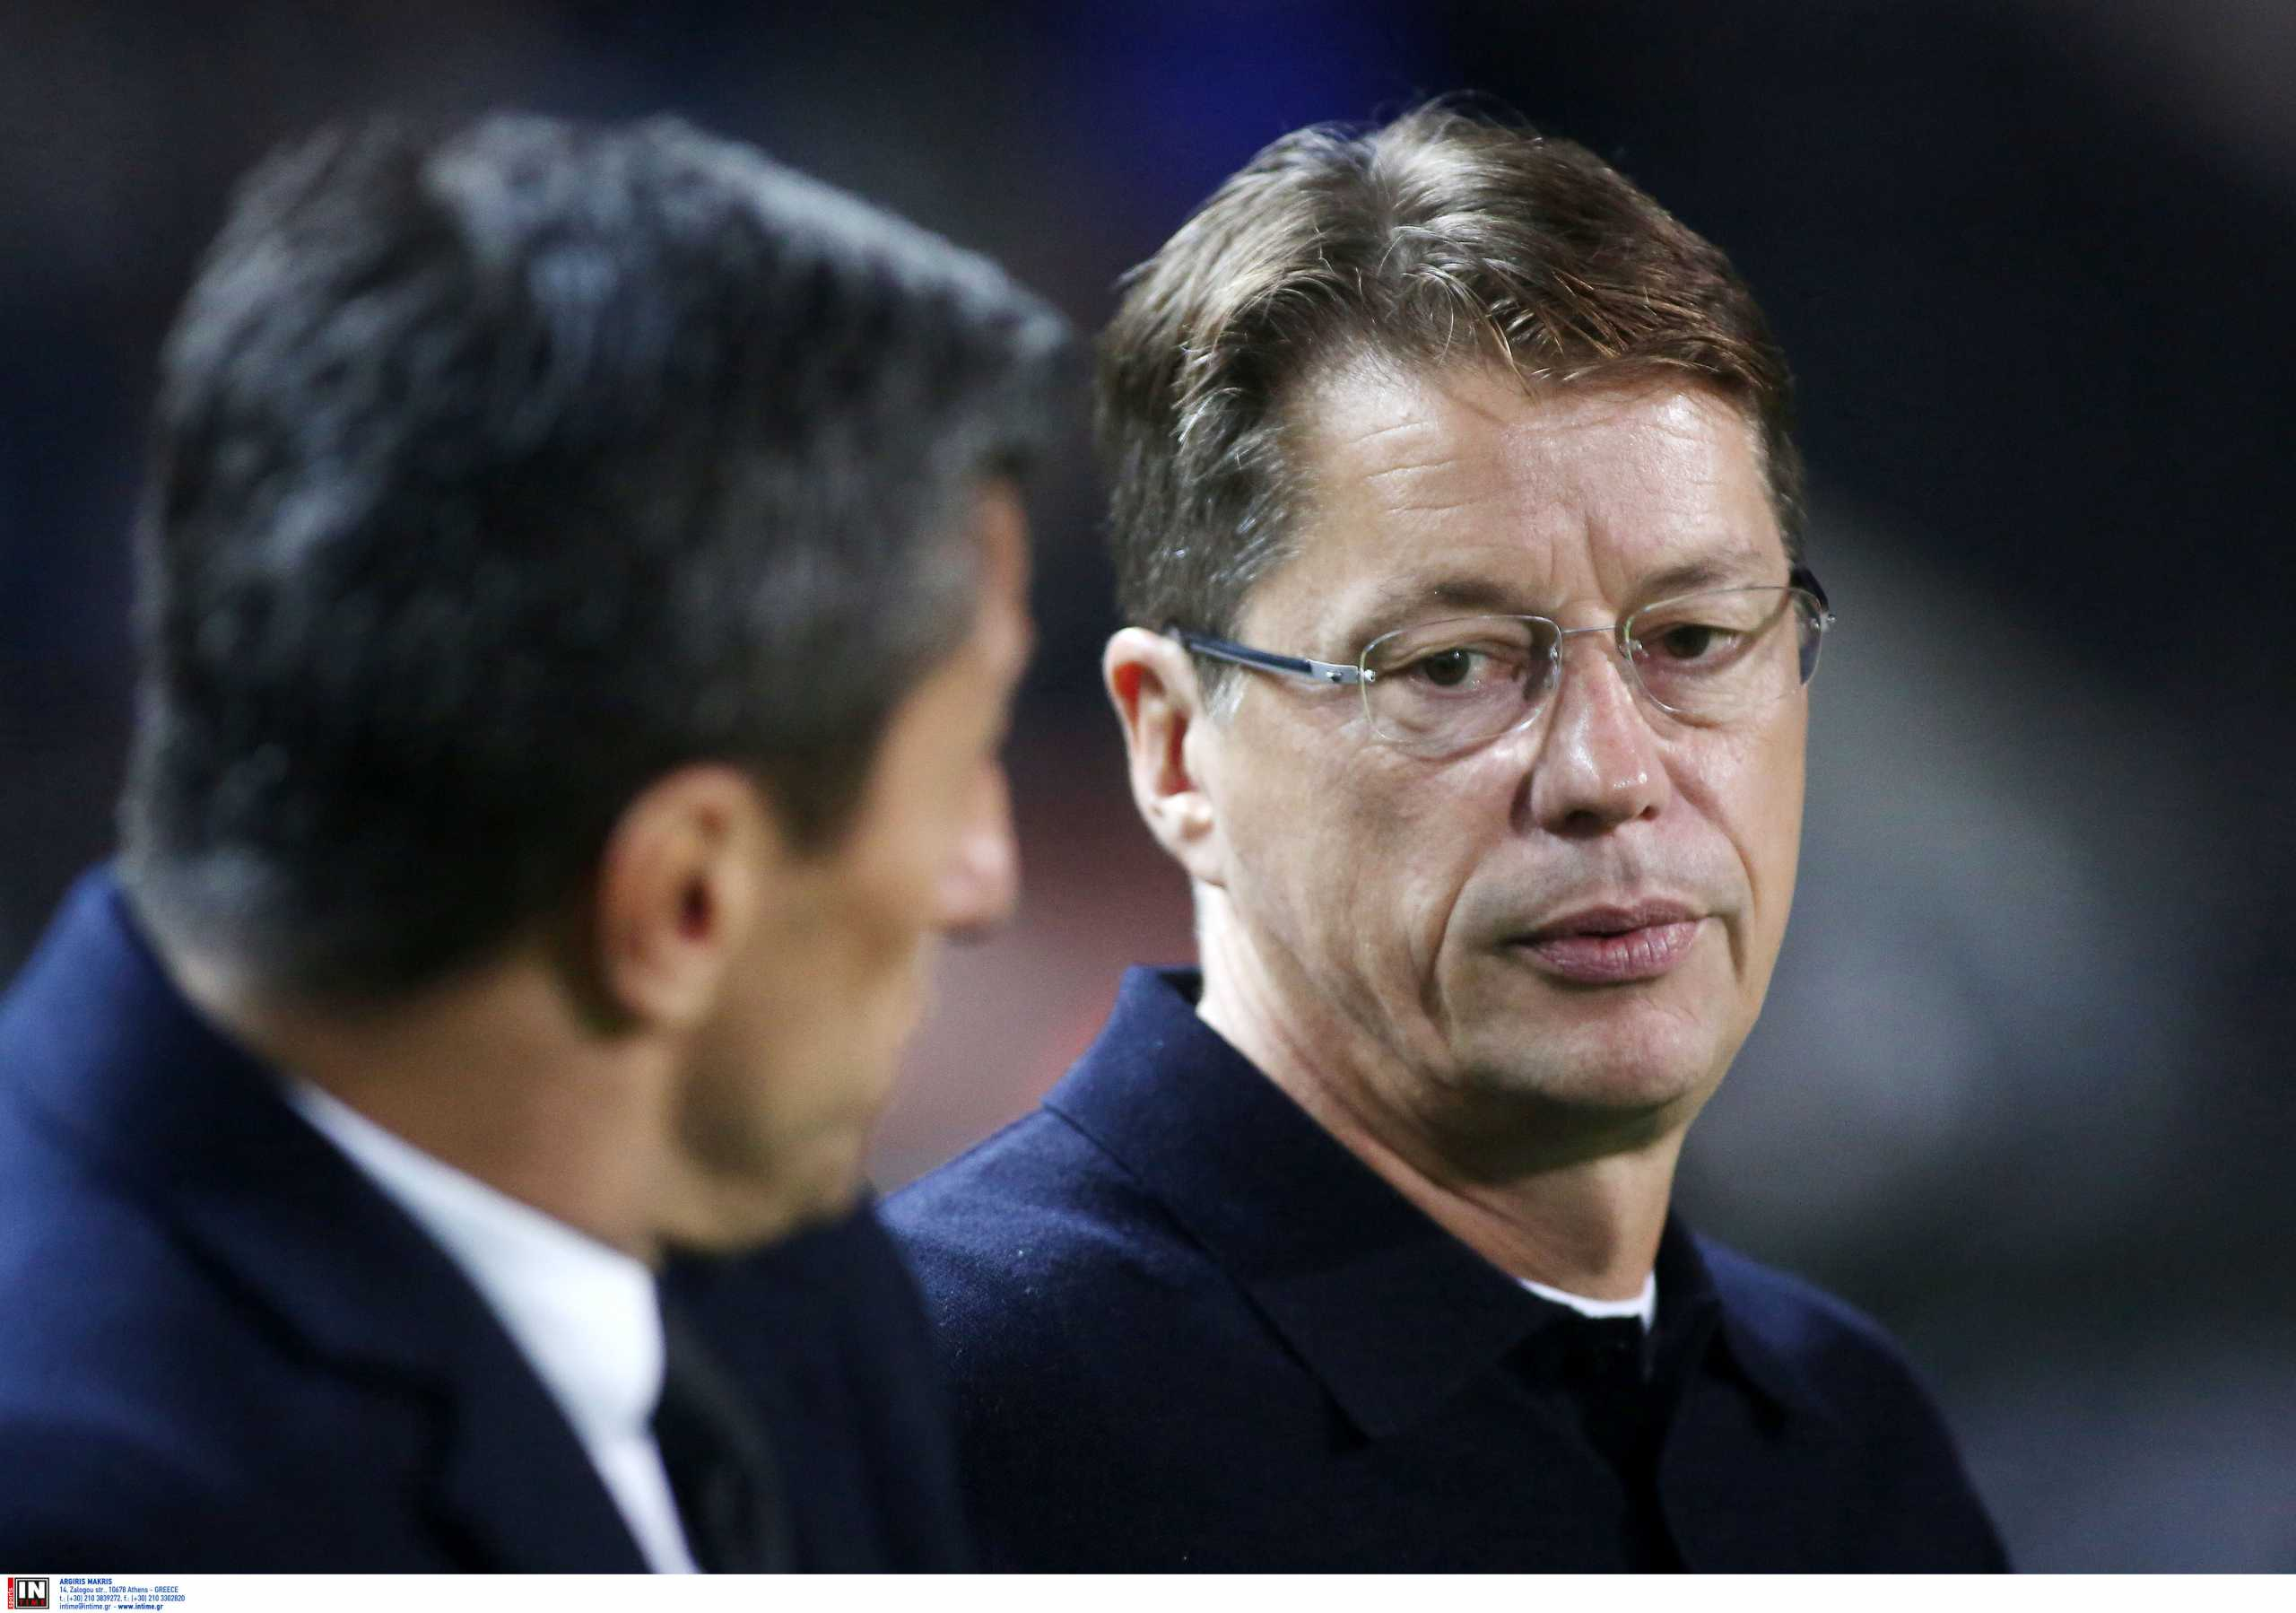 Μίχελ: «Αν επιλέξει σωστά προπονητή και τεχνικό διευθυντή ο ΠΑΟΚ τότε θα πάρει πάλι πρωτάθλημα»